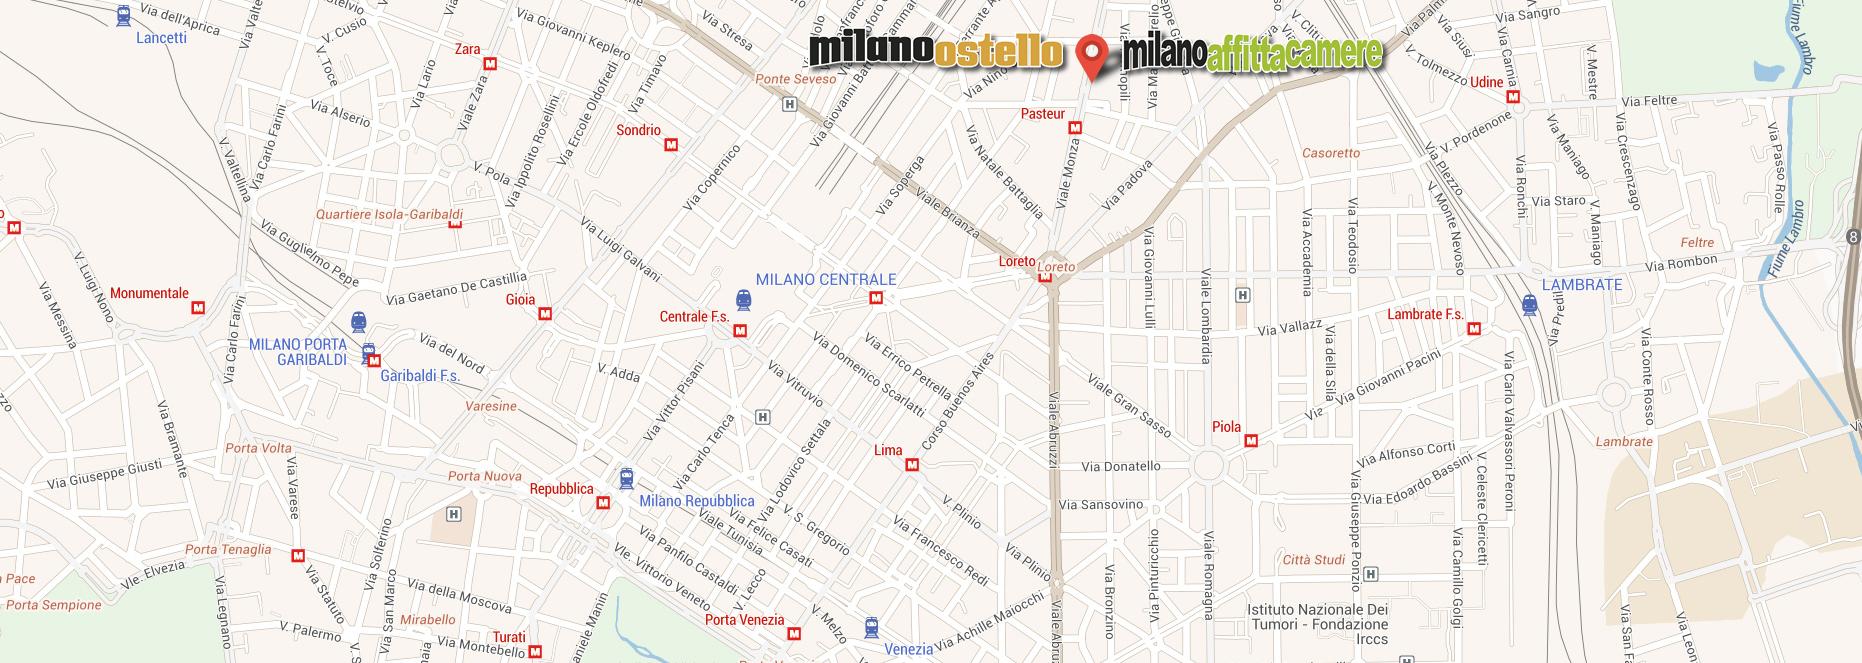 Milano Ostello - Viale Monza 38 - Milano